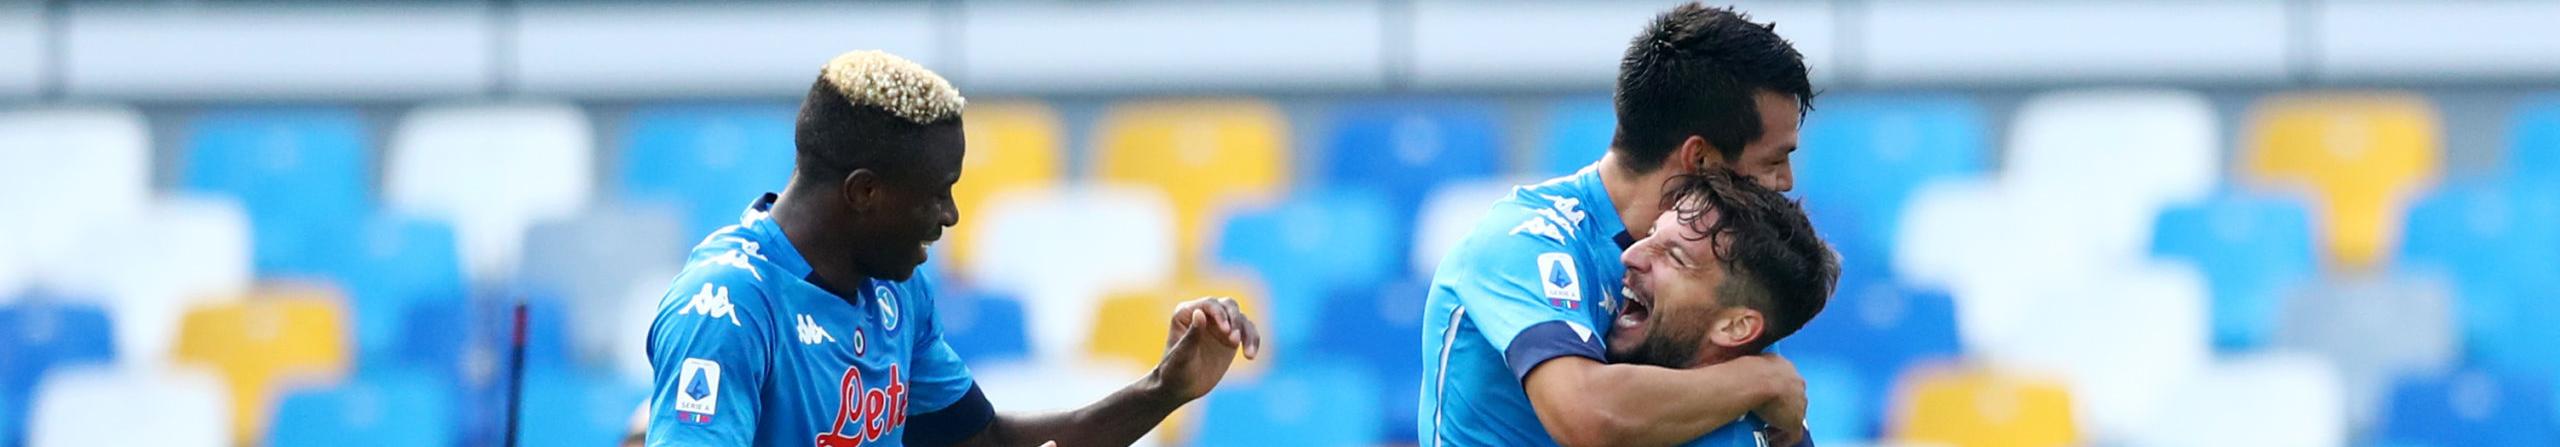 Napoli-Benevento, azzurri decisi a ripartire per centrare l'obiettivo 4° posto